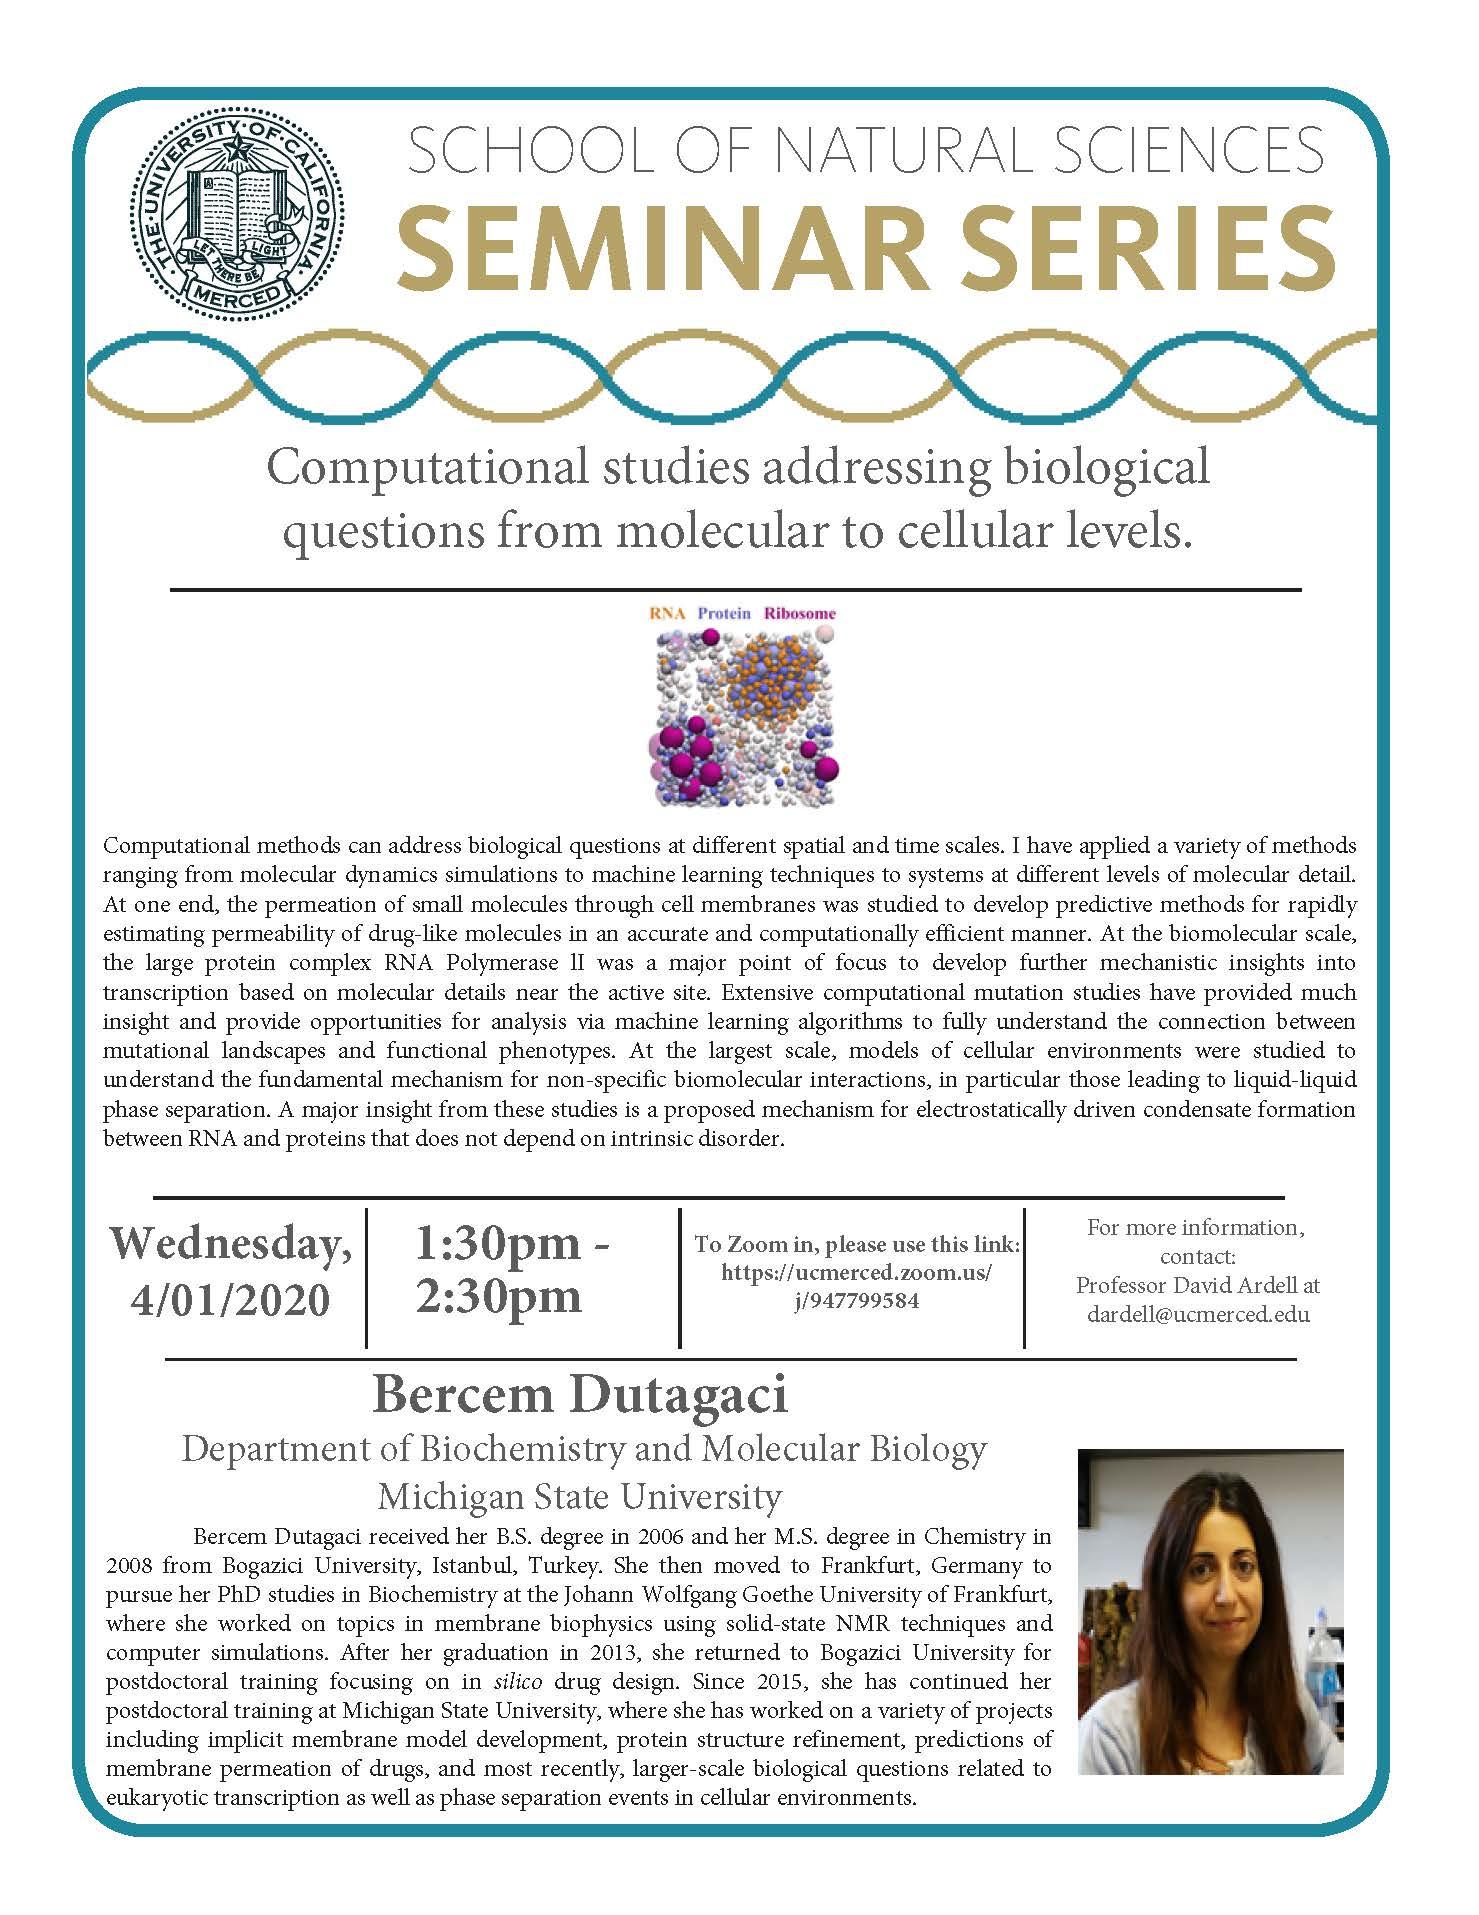 MCB Seminar for Dr. Bercem Dutagaci